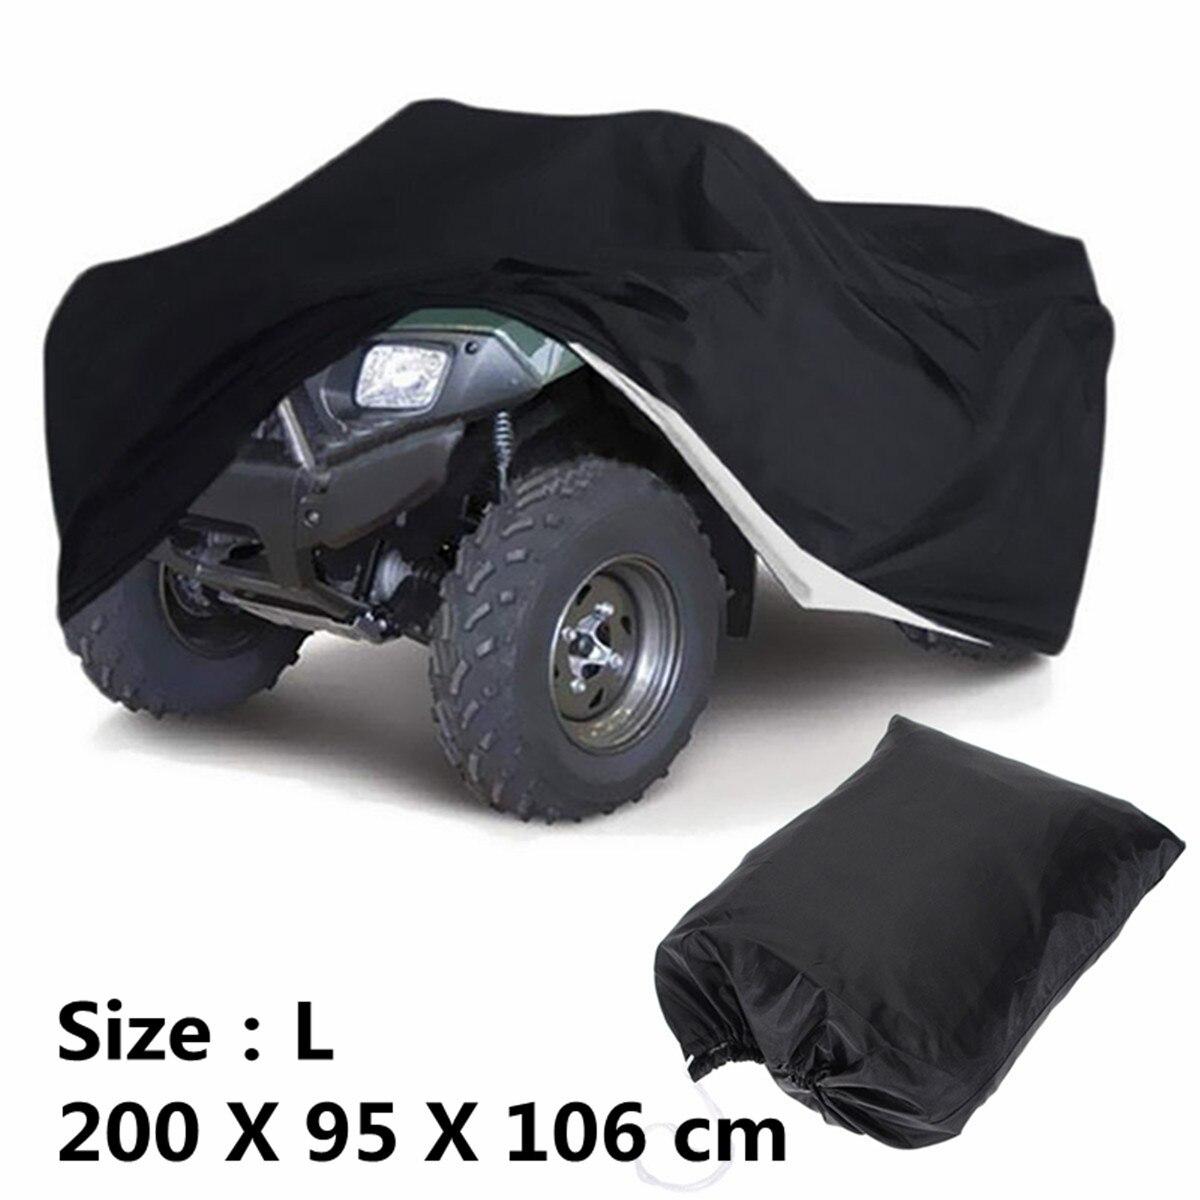 Größen L XXL XXXL Schwarz Universal Motorrad Quad Bike ATV ATC Abdeckung Lagerung Tasche Wasserdicht